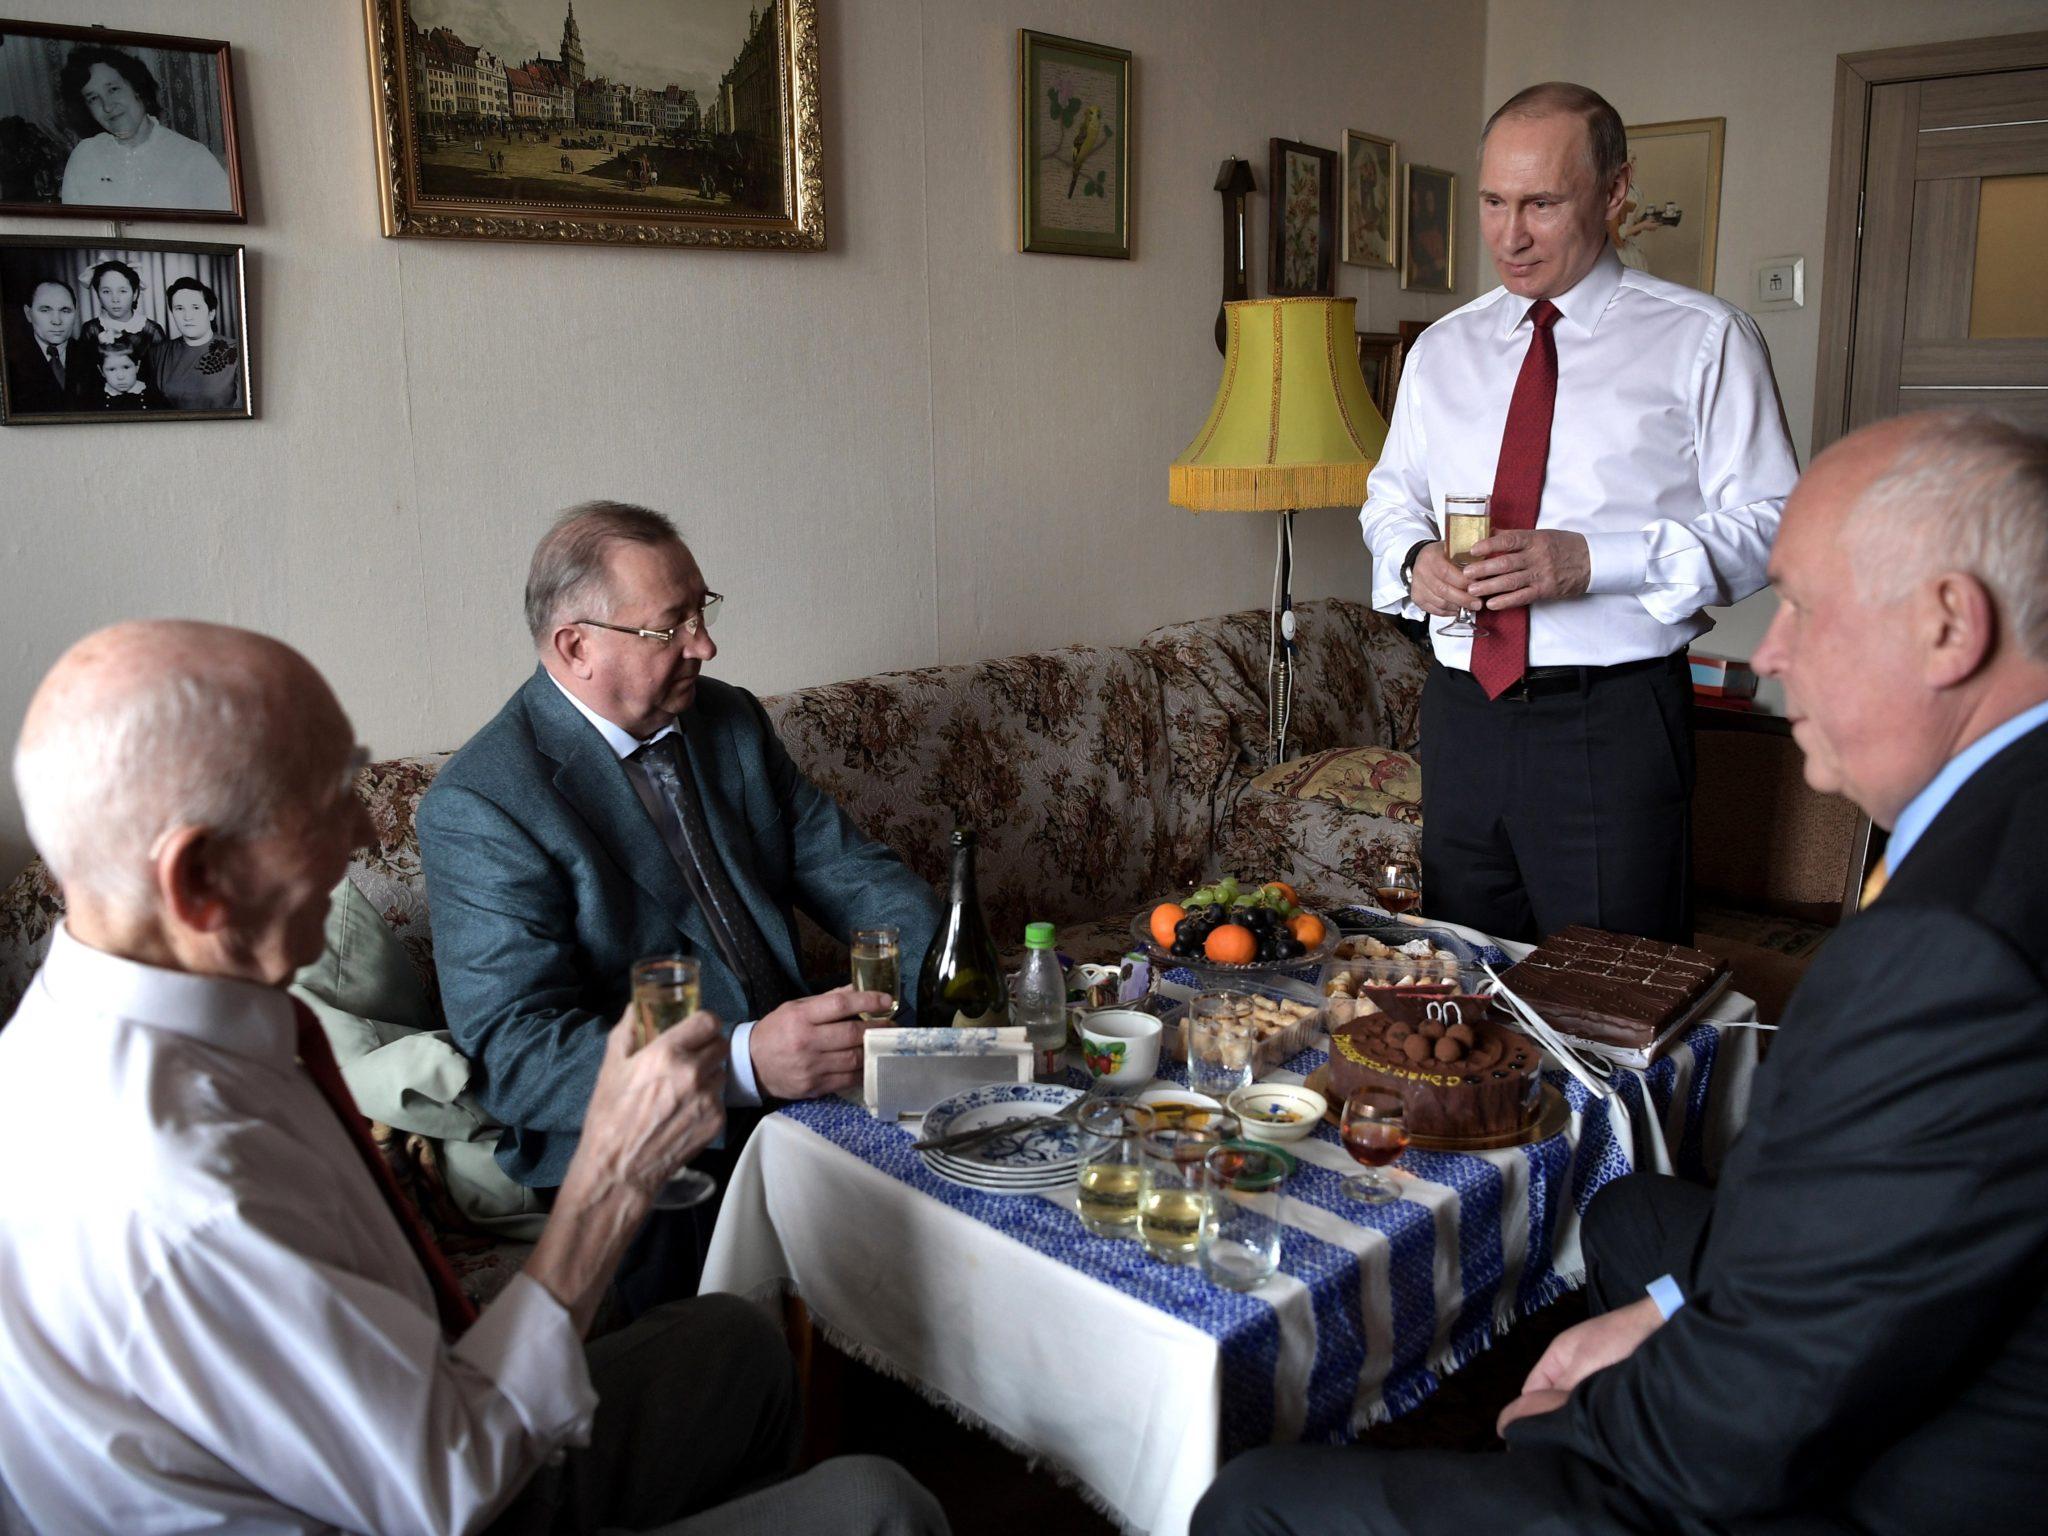 Rosja: prywatna wizyta prezydenta Władimira Putina u emerytowanego szefa KGB w Dreźnie (foto. PAP/EPA/ALEXEI NIKOLSKY)